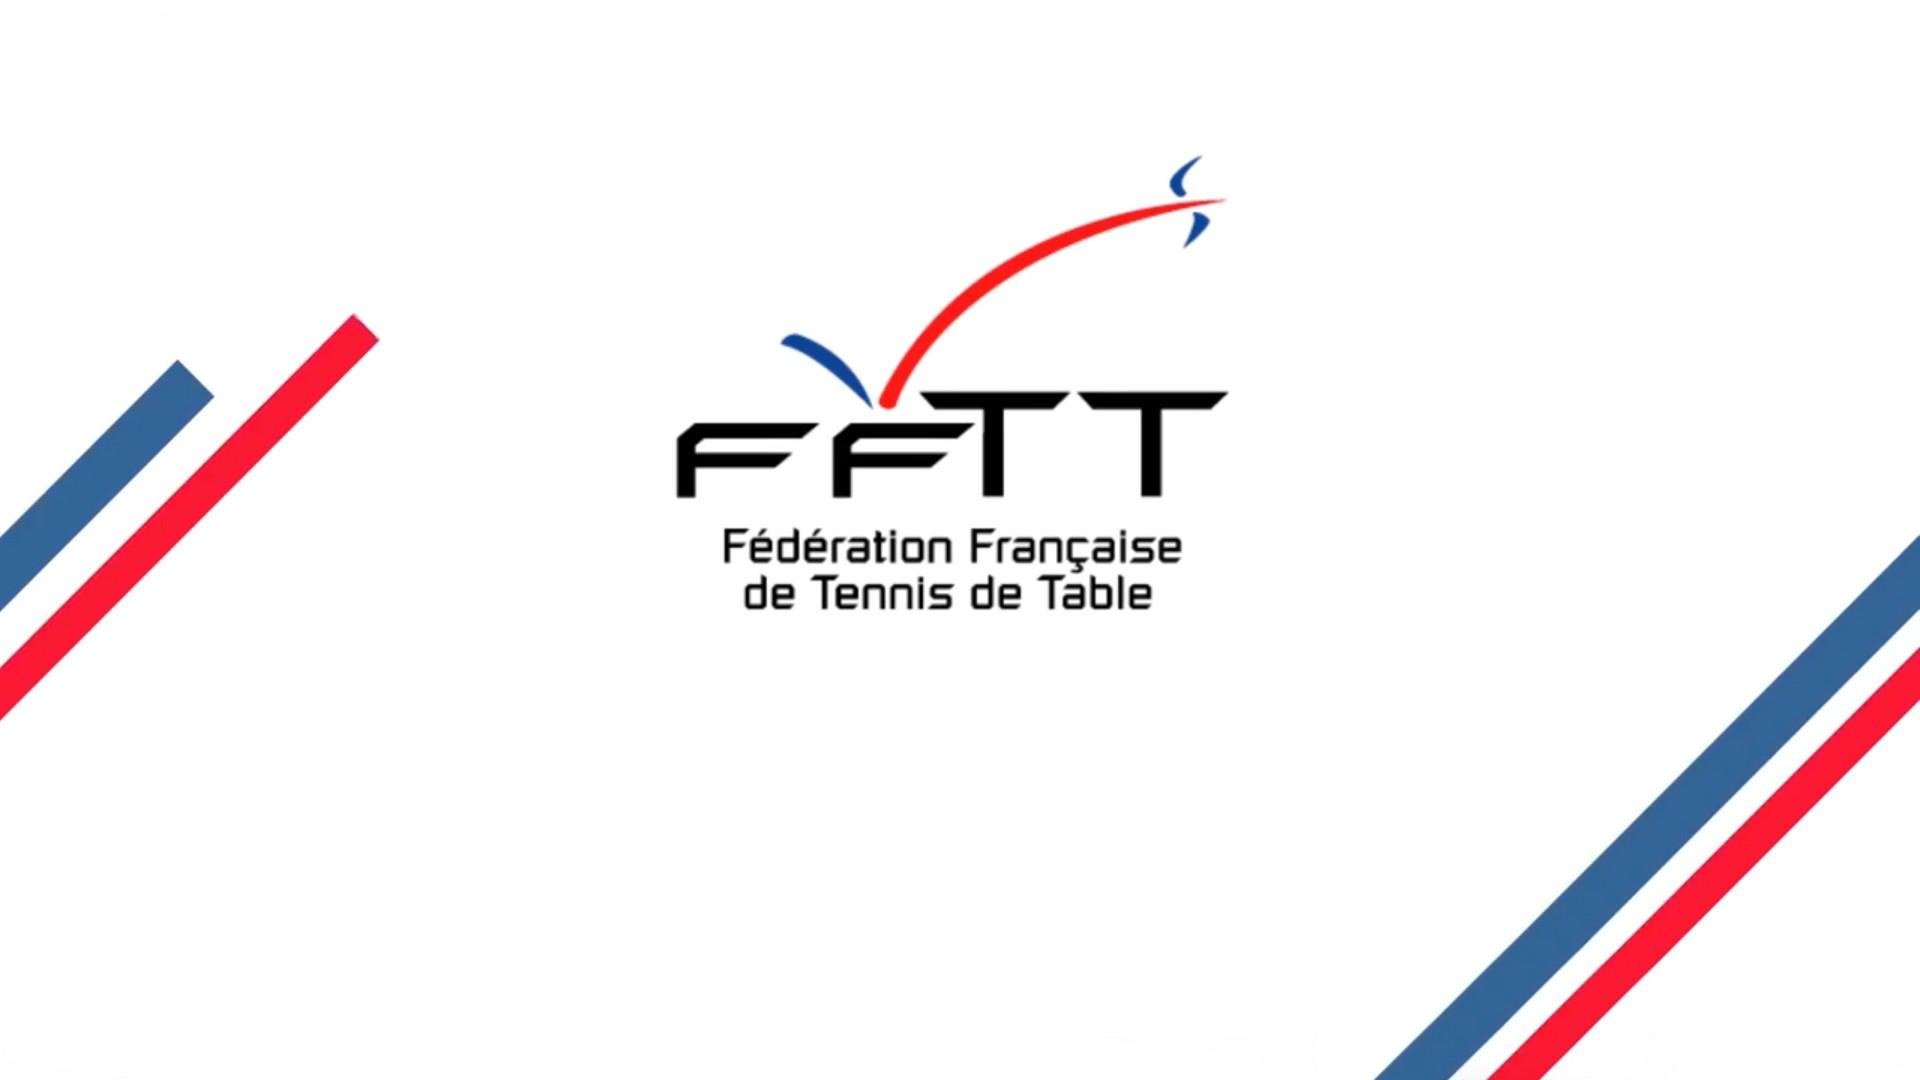 Fédération française de Tennis de table FFTT (1) Logo